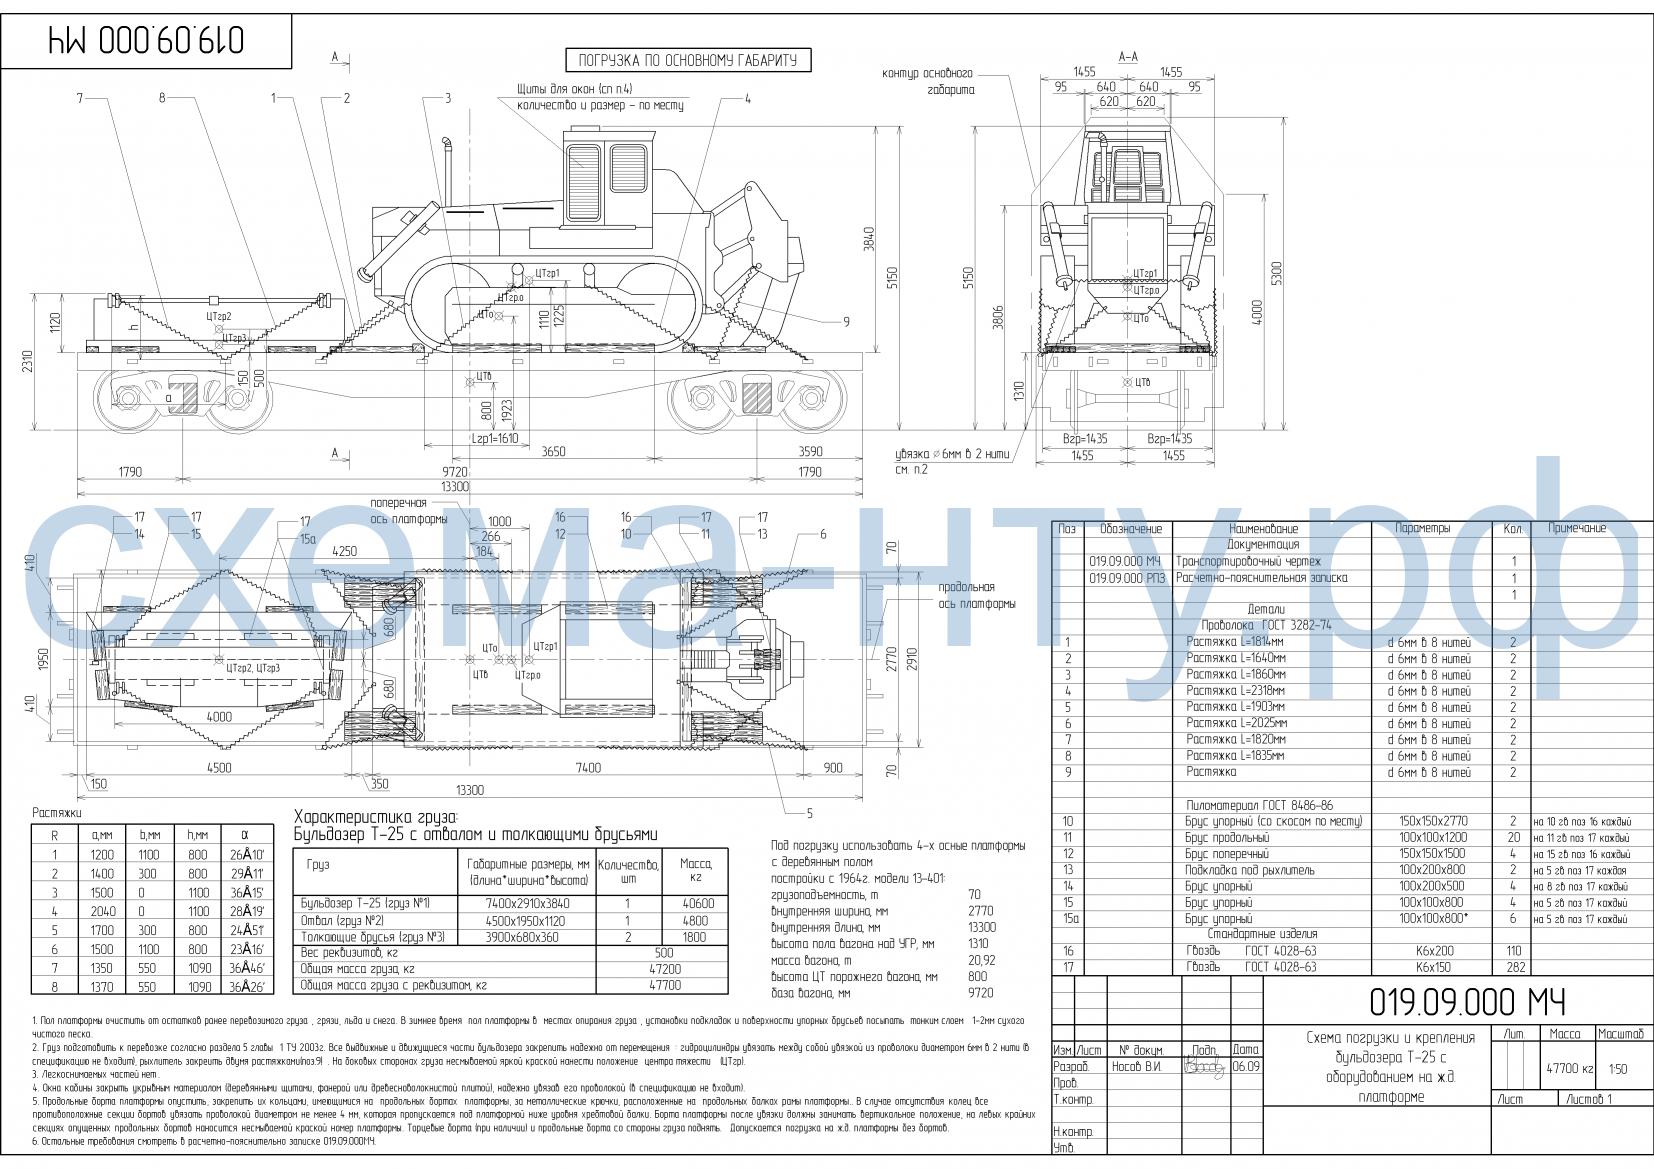 Схема погрузки груза на платформе - чертеж НТУ